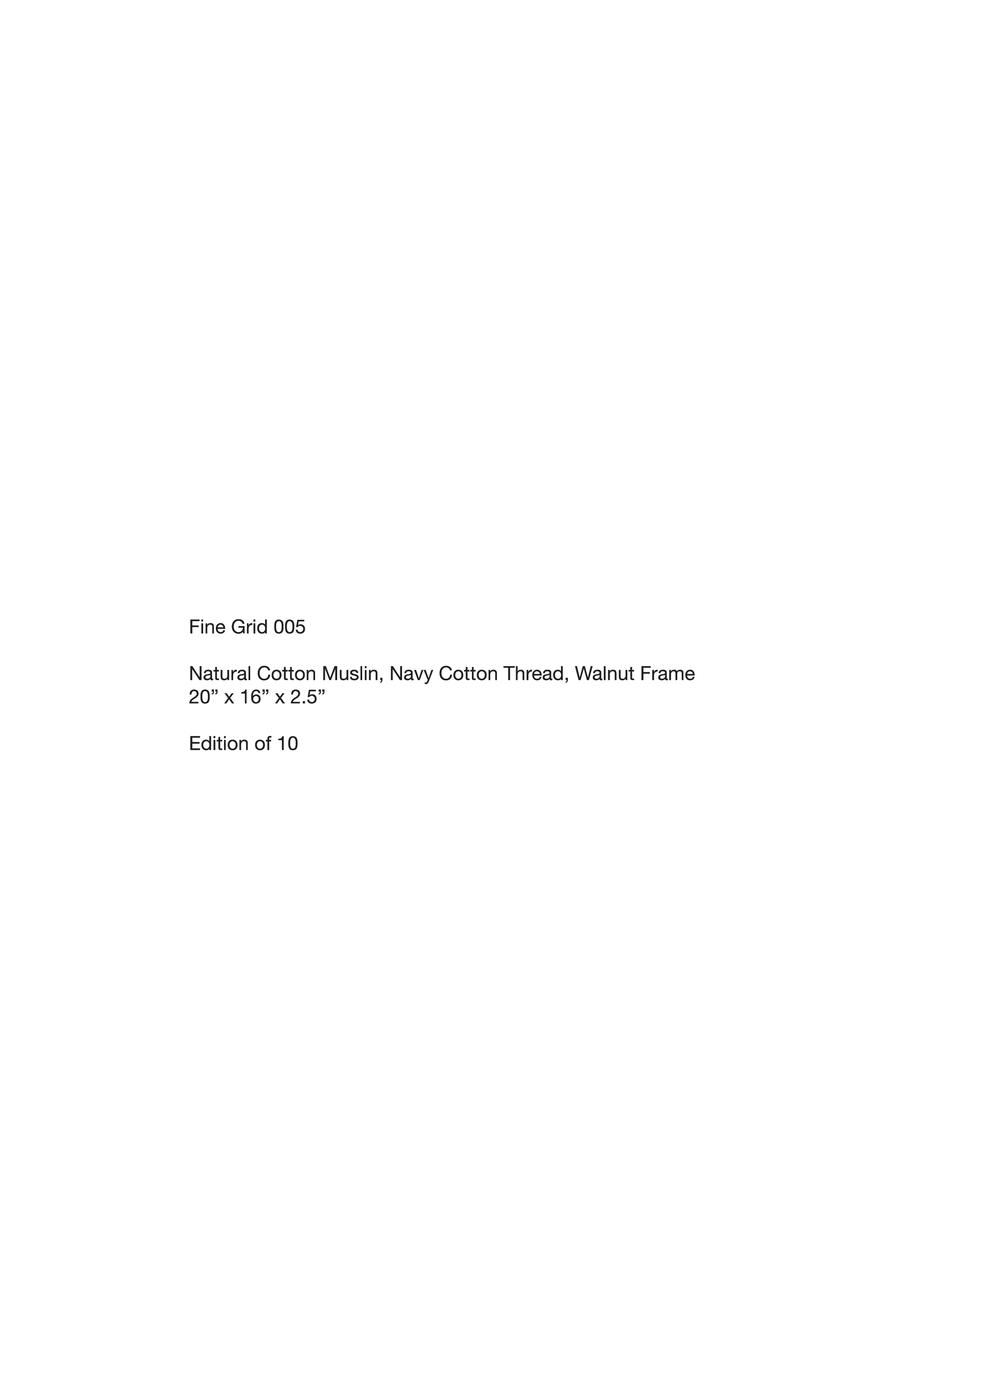 Nicole Patel Fine Grid 005 Text-01.png